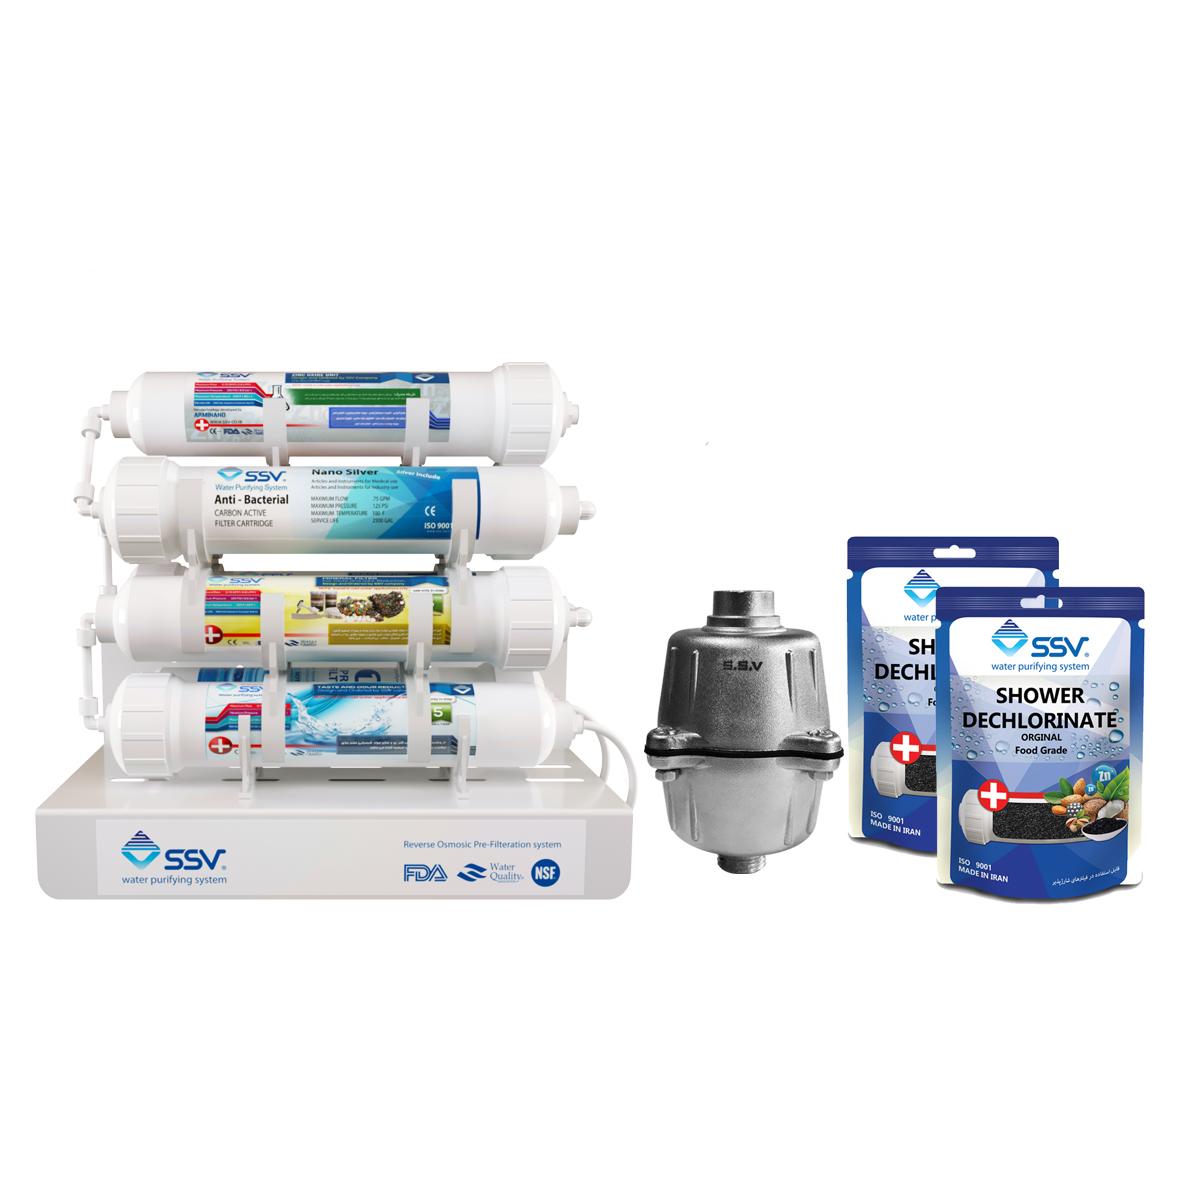 دستگاه تصفیه کننده آب اس اس وی مدل Jetline x900 به همراه فیلتر و شارژ یدک وزن 140 گرم